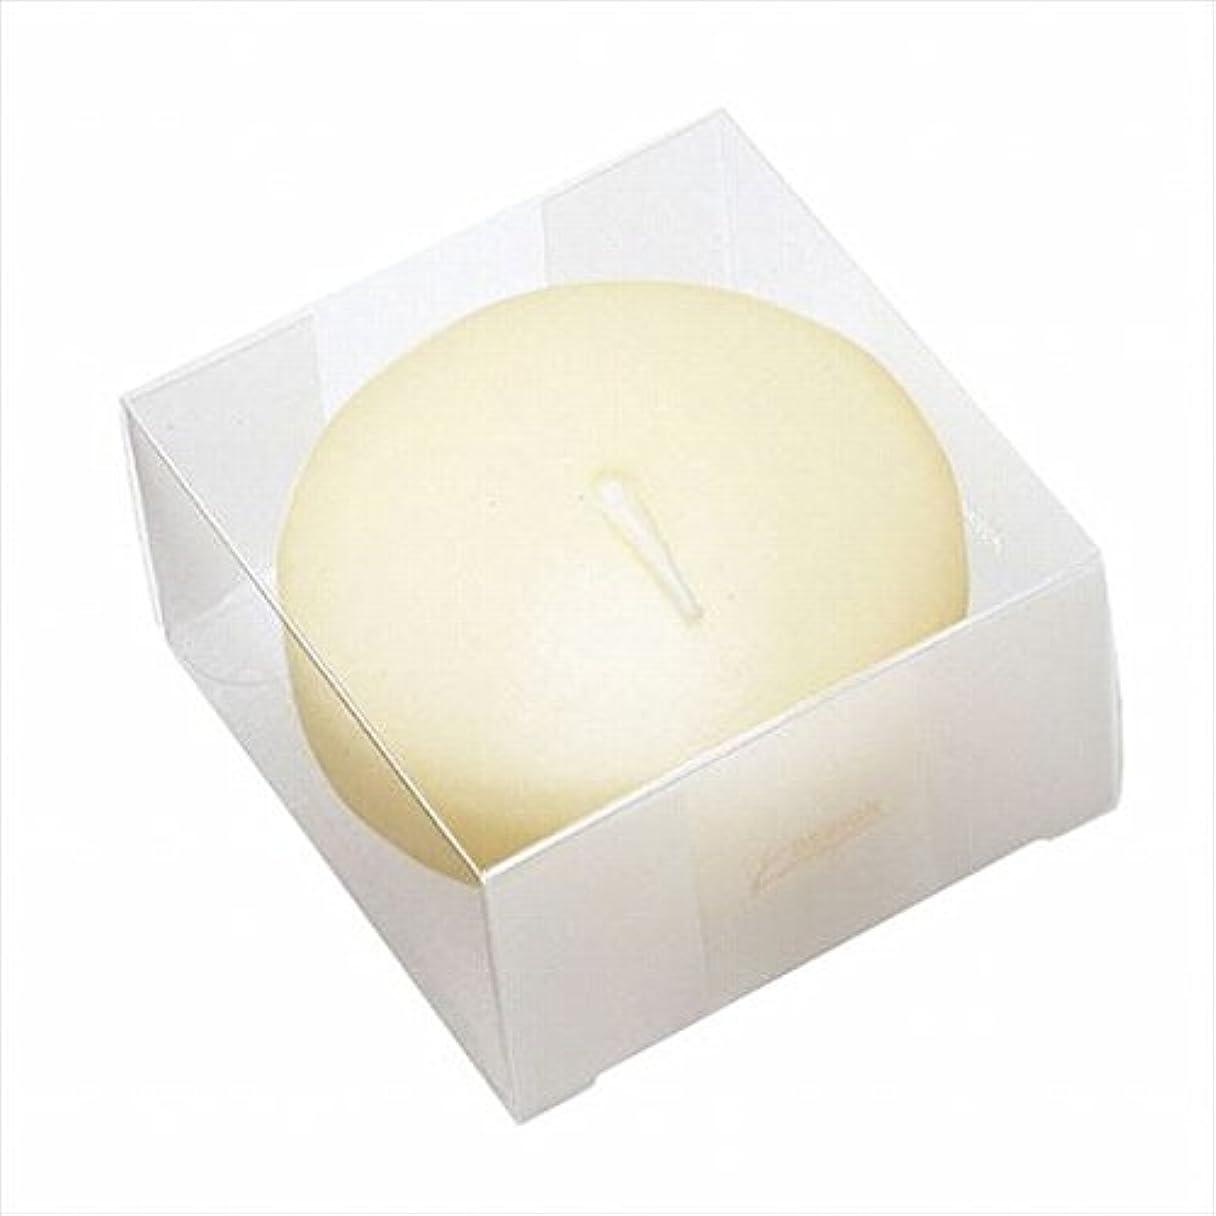 アプトフットボール救援カメヤマキャンドル(kameyama candle) プール80(箱入り) 「 アイボリー 」